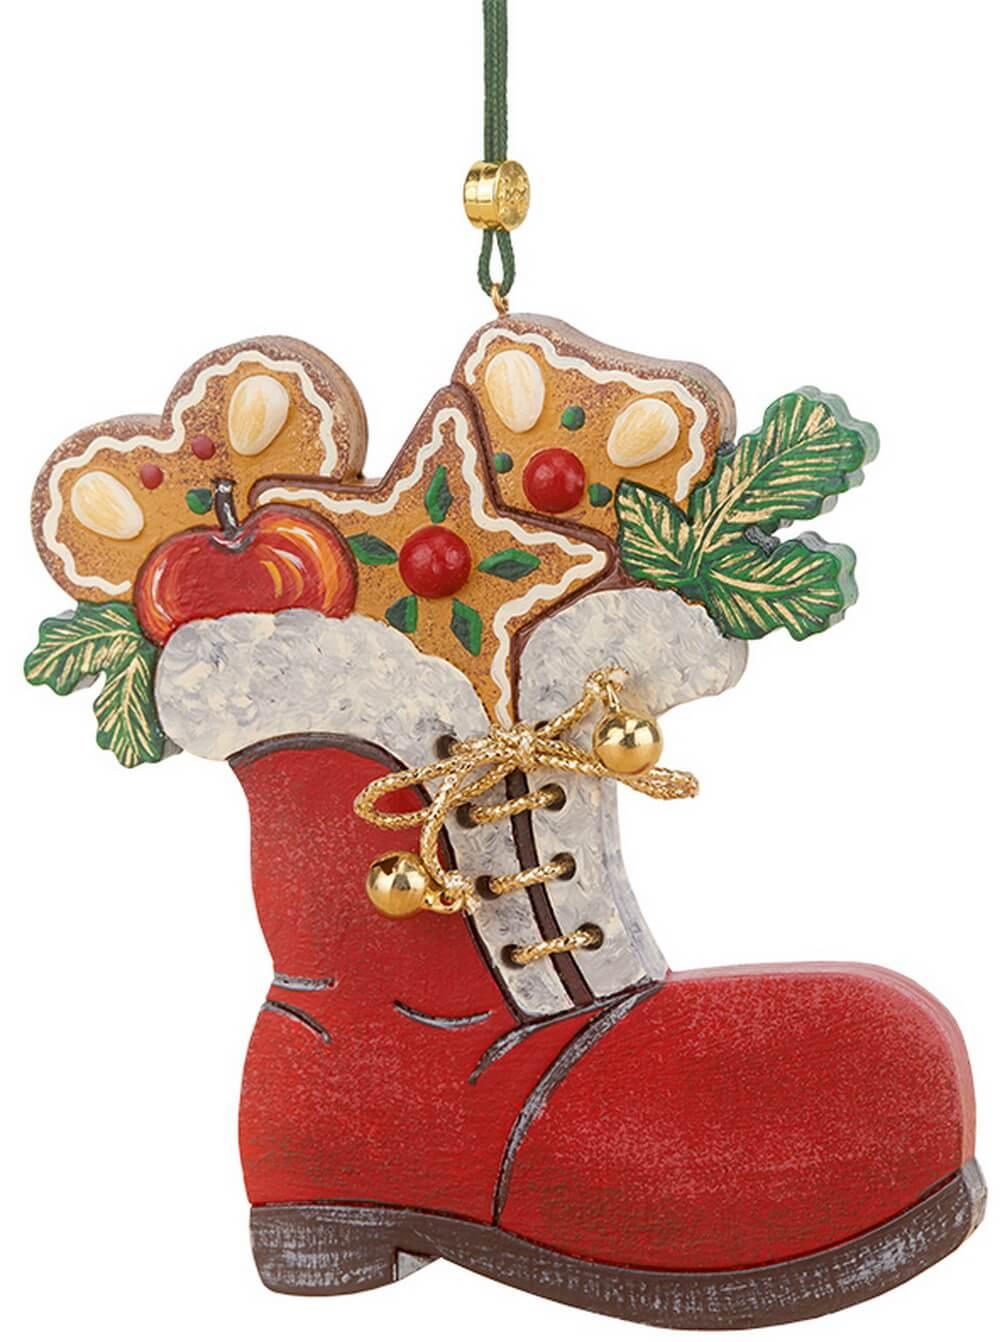 Christbaumschmuck von Hubrig Volkskunst mit dem Motiv Nikolausstiefel